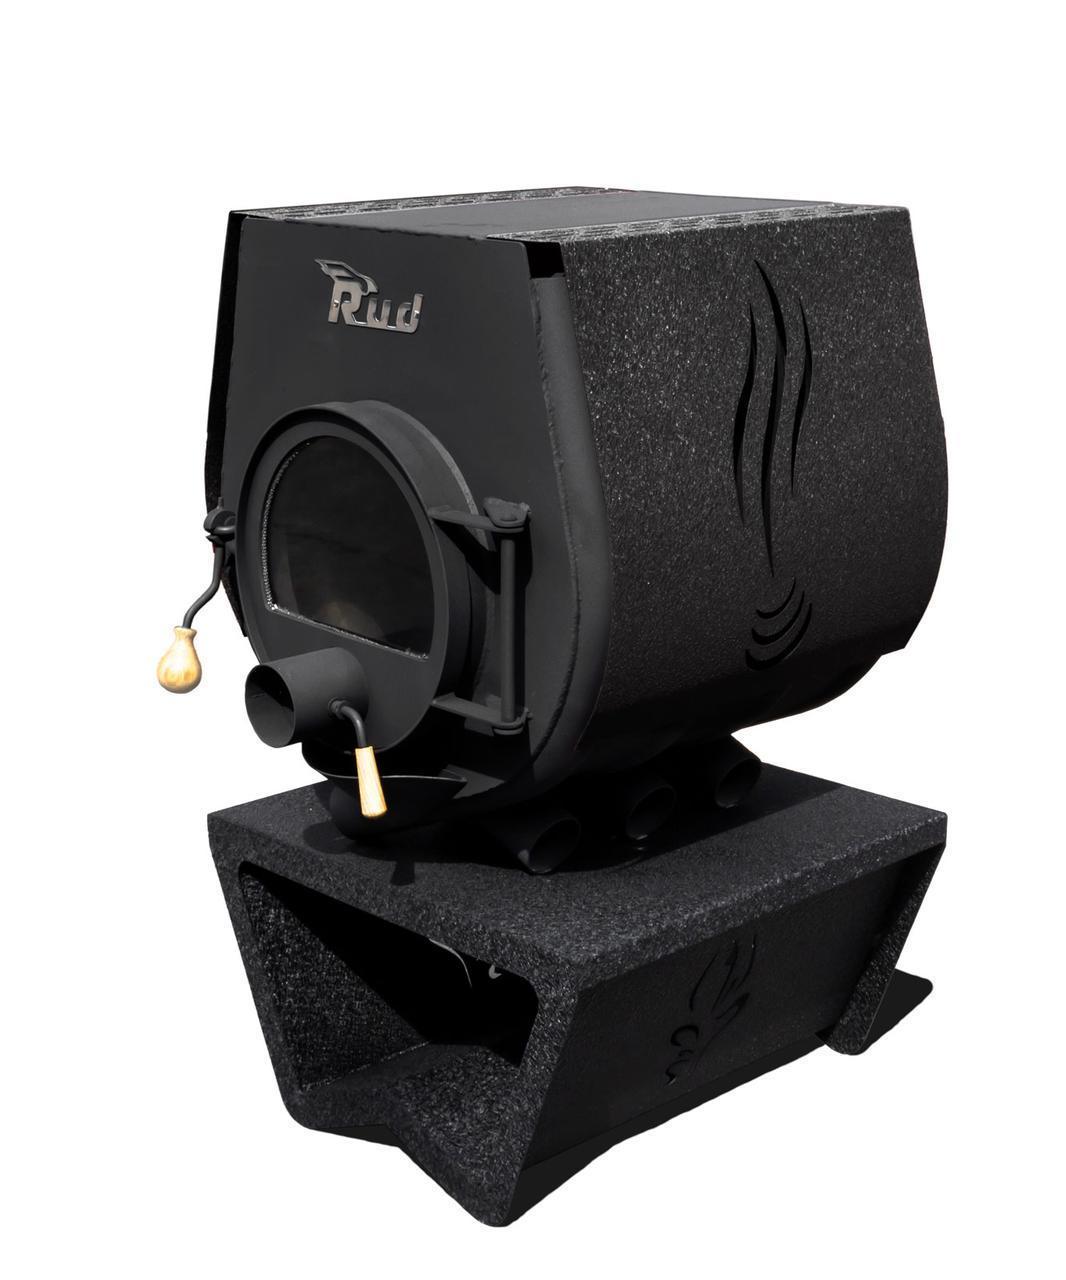 Булерьян, отопительная печь Rud Pyrotron Кантри 01 с варочной поверхностью Обшивка декоративная (коричневая)